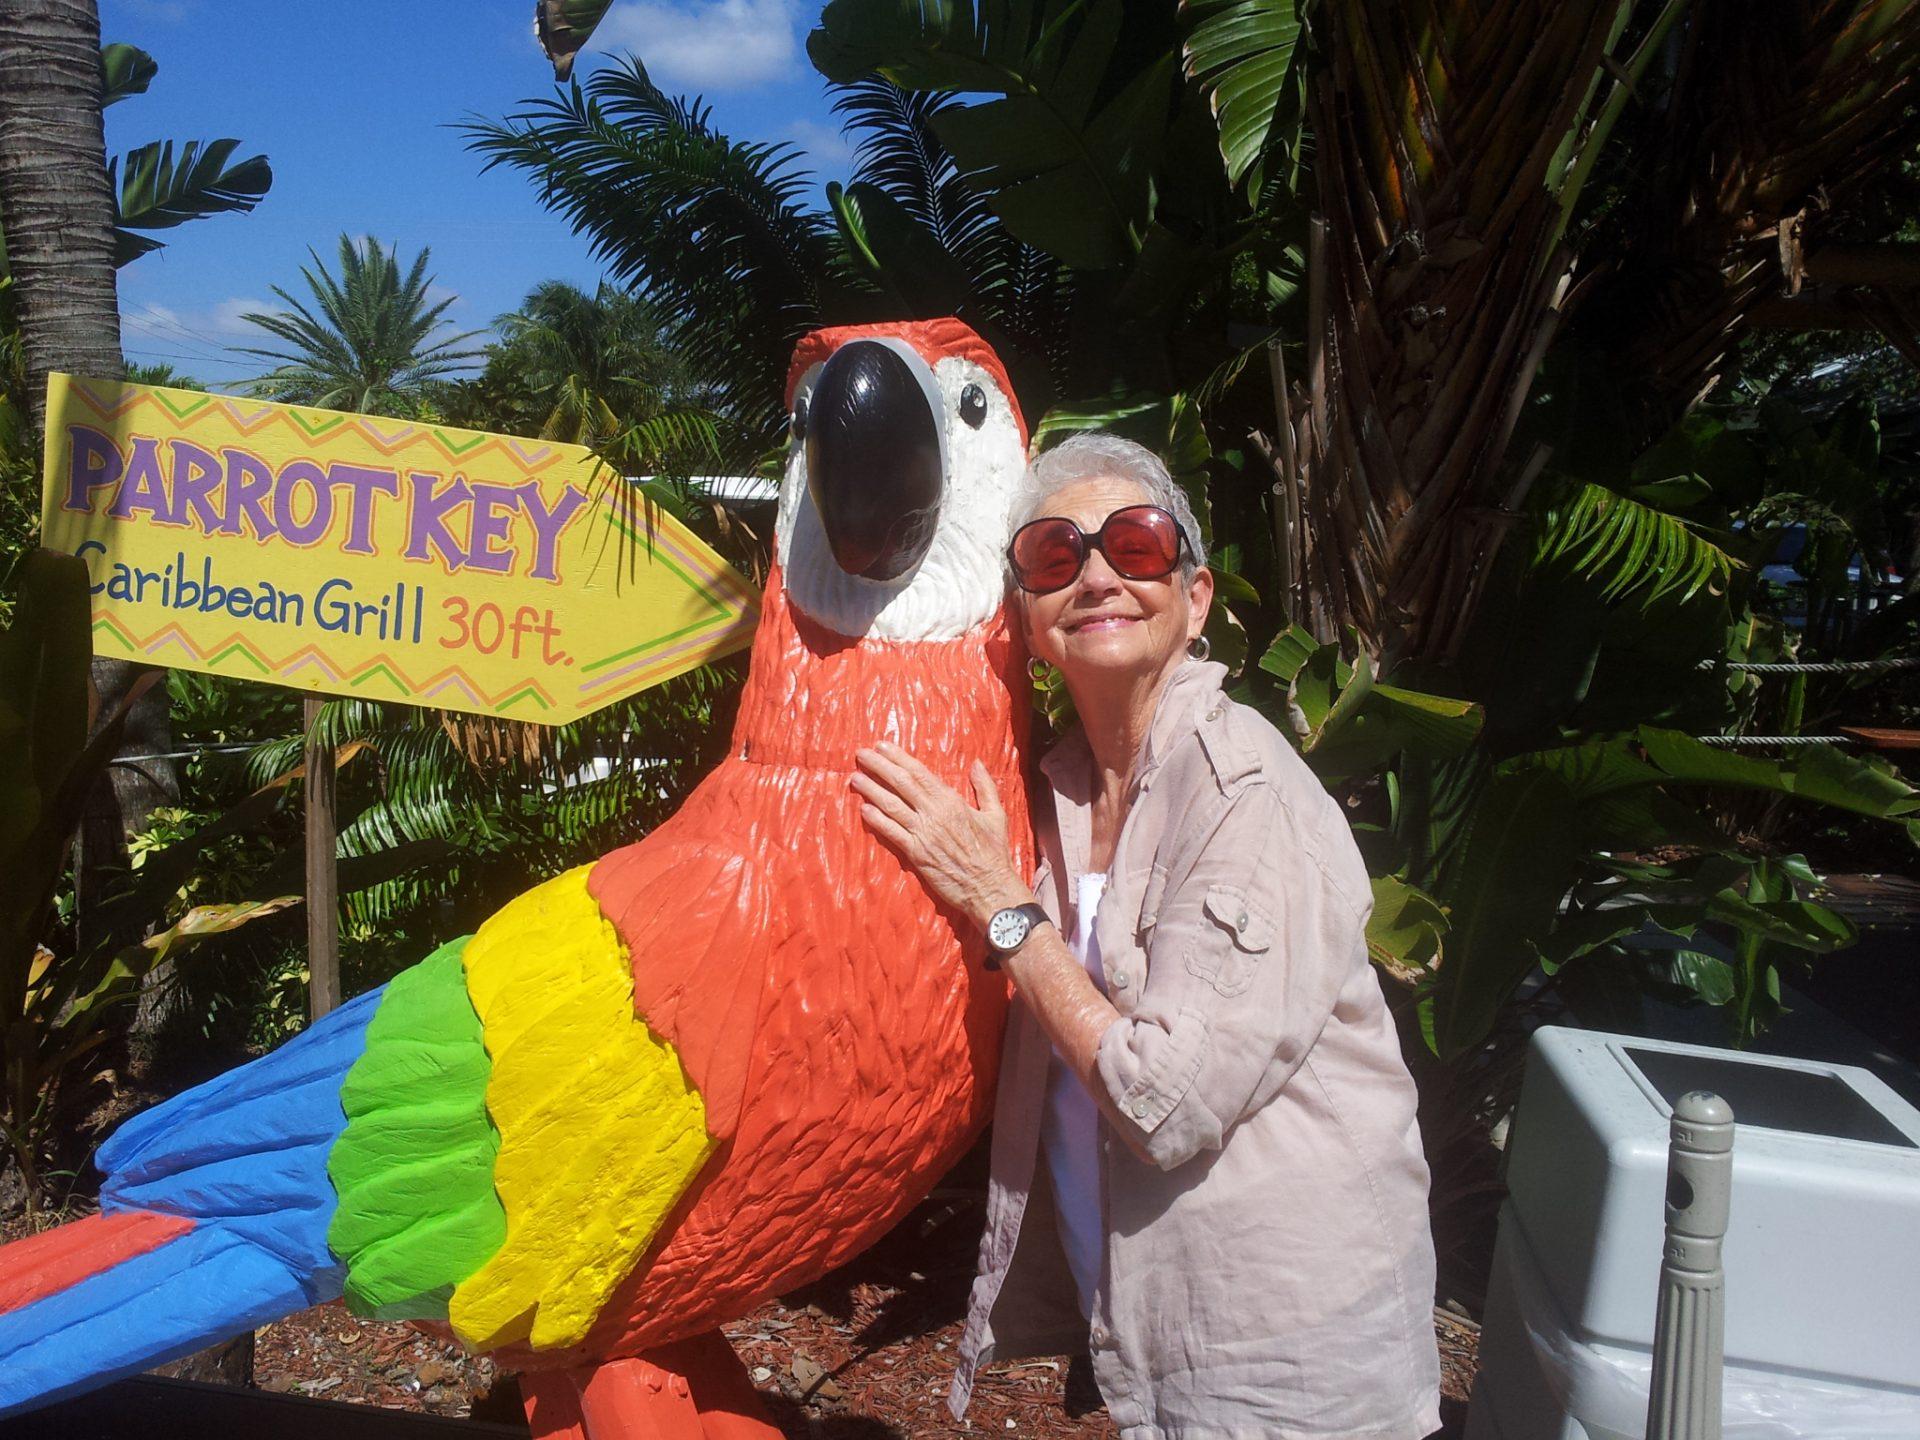 Parrot Key